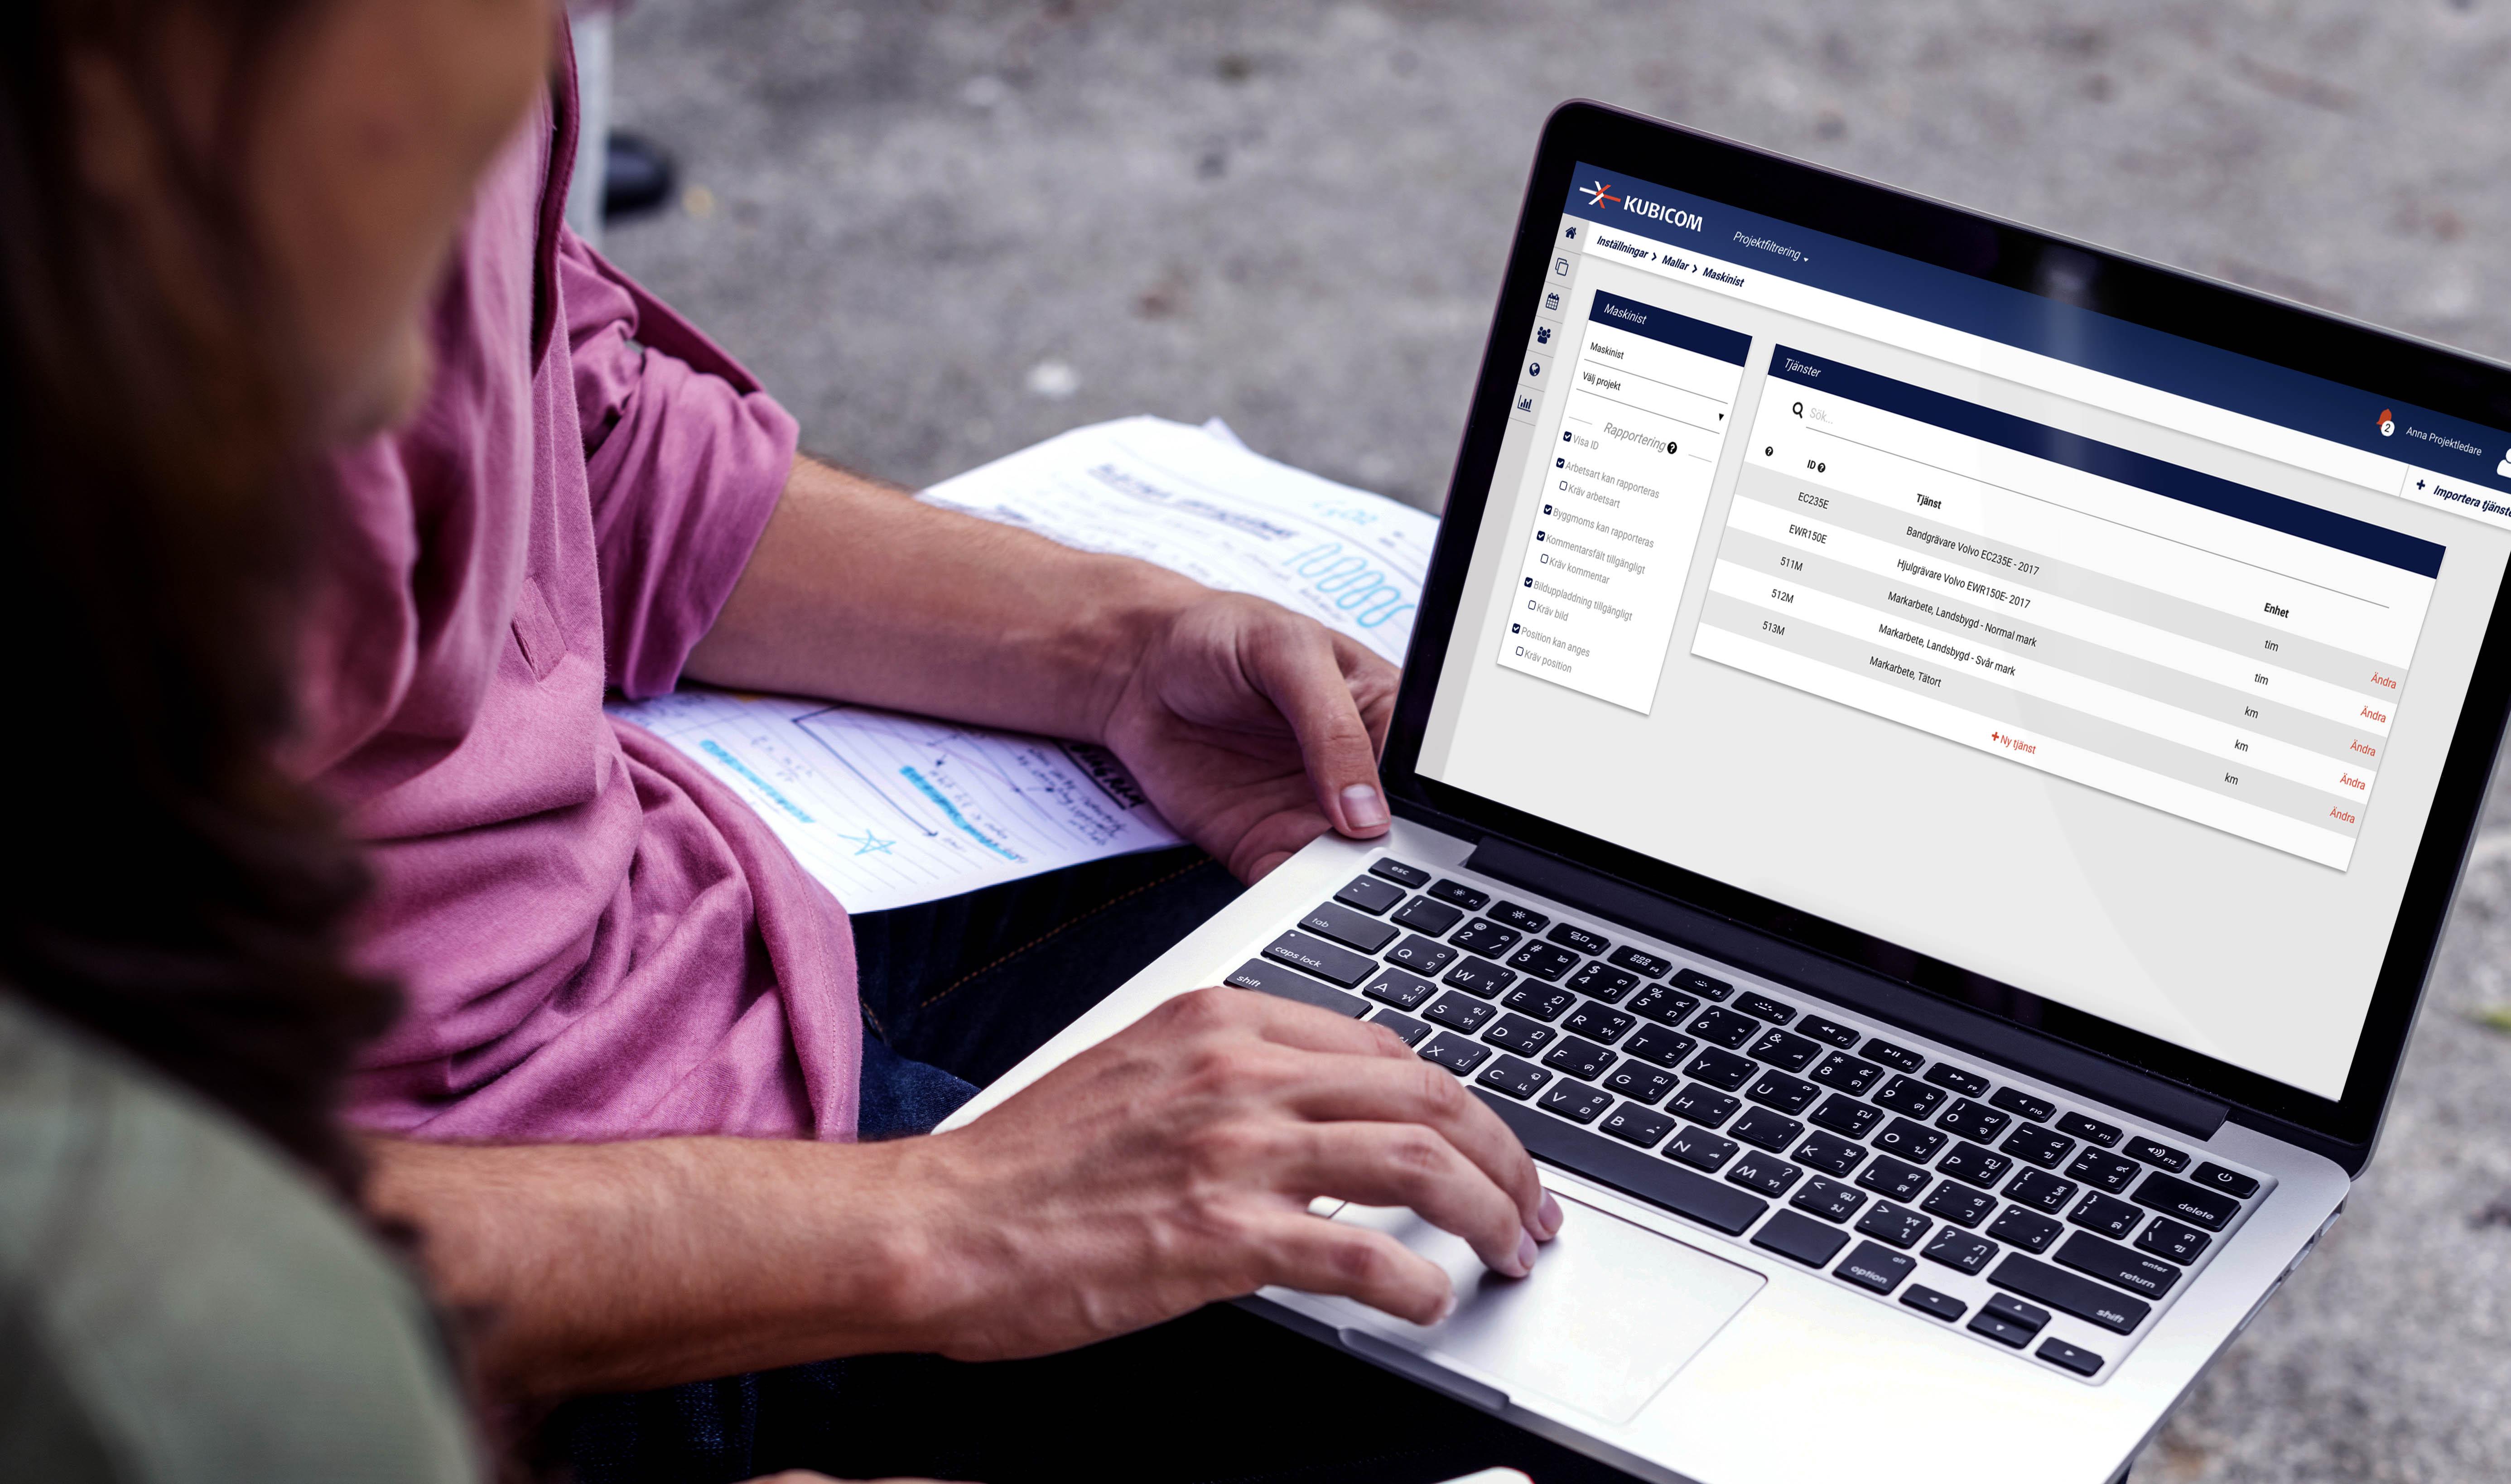 Anpassningsbara rapporteringsfält möjliggör hantering av alla typer av uppdrag